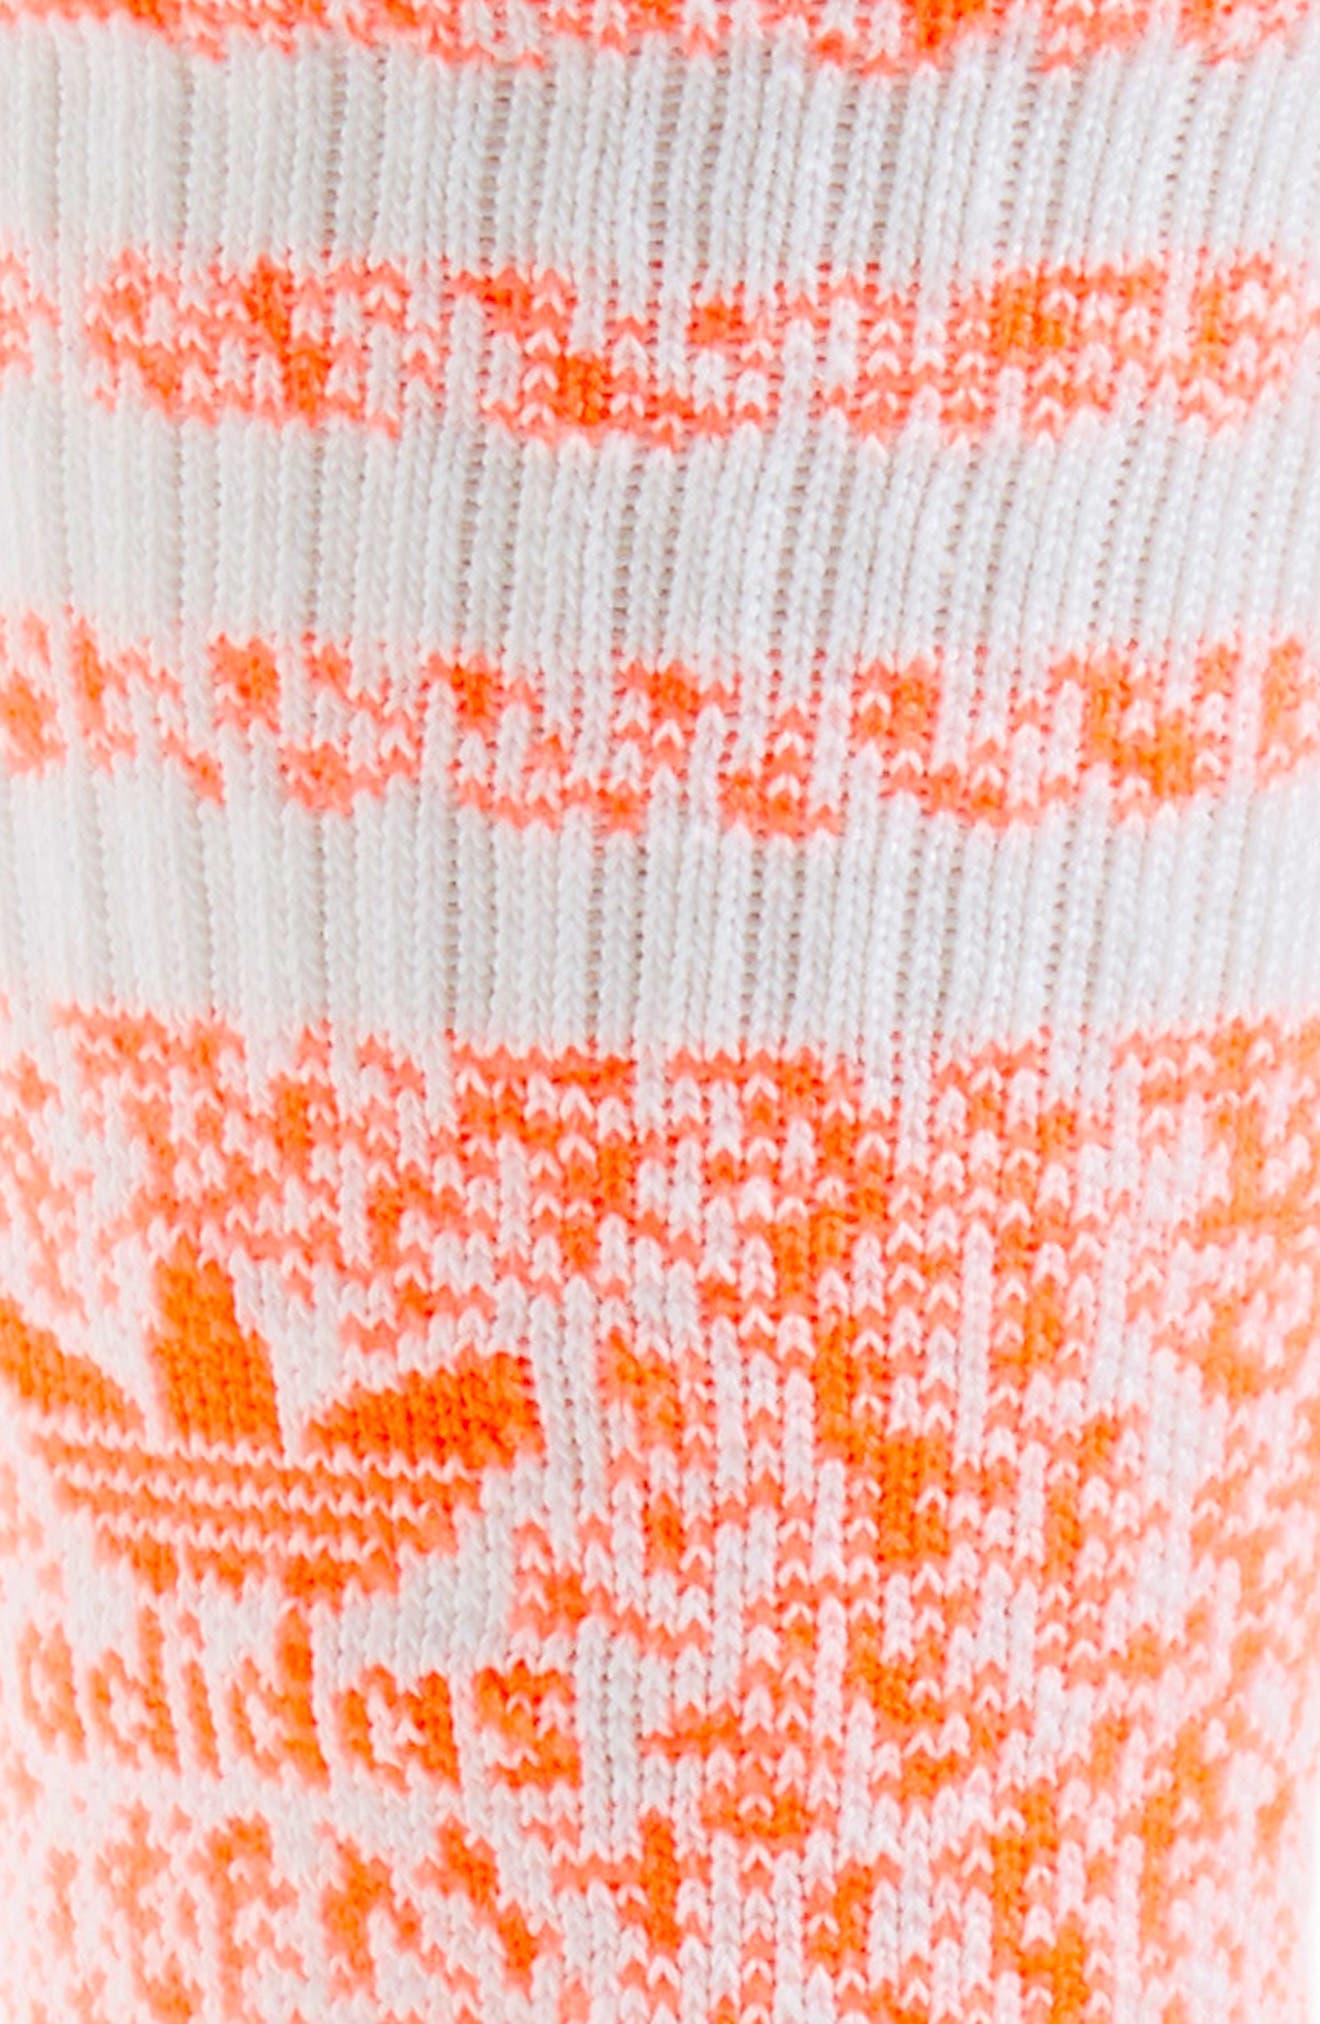 Roller Crew Socks,                             Alternate thumbnail 2, color,                             White/ Turbo Red